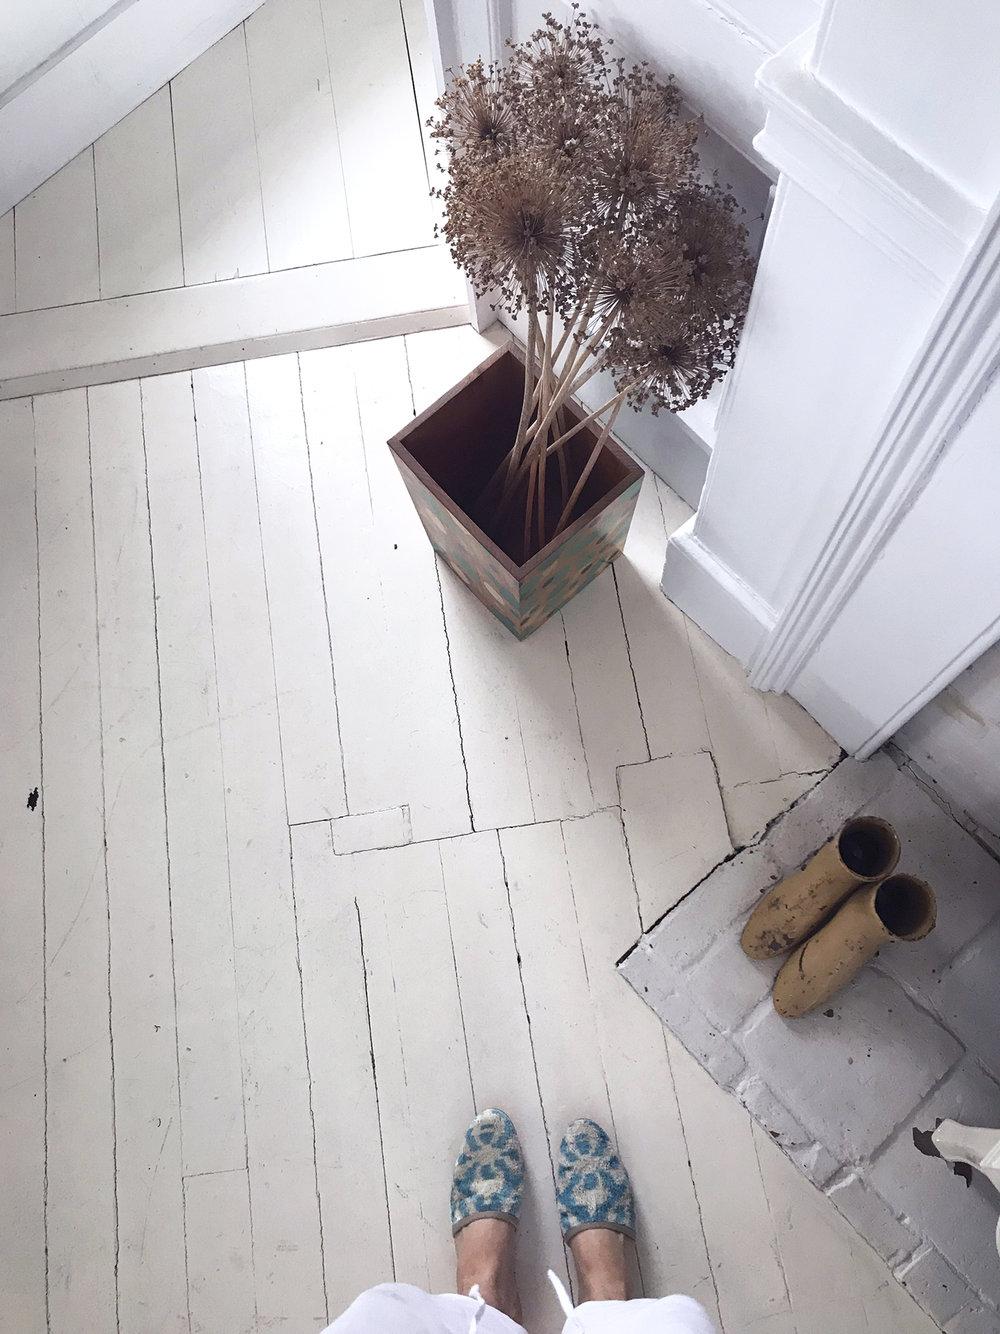 Carson velvet slides on a white painted floor.